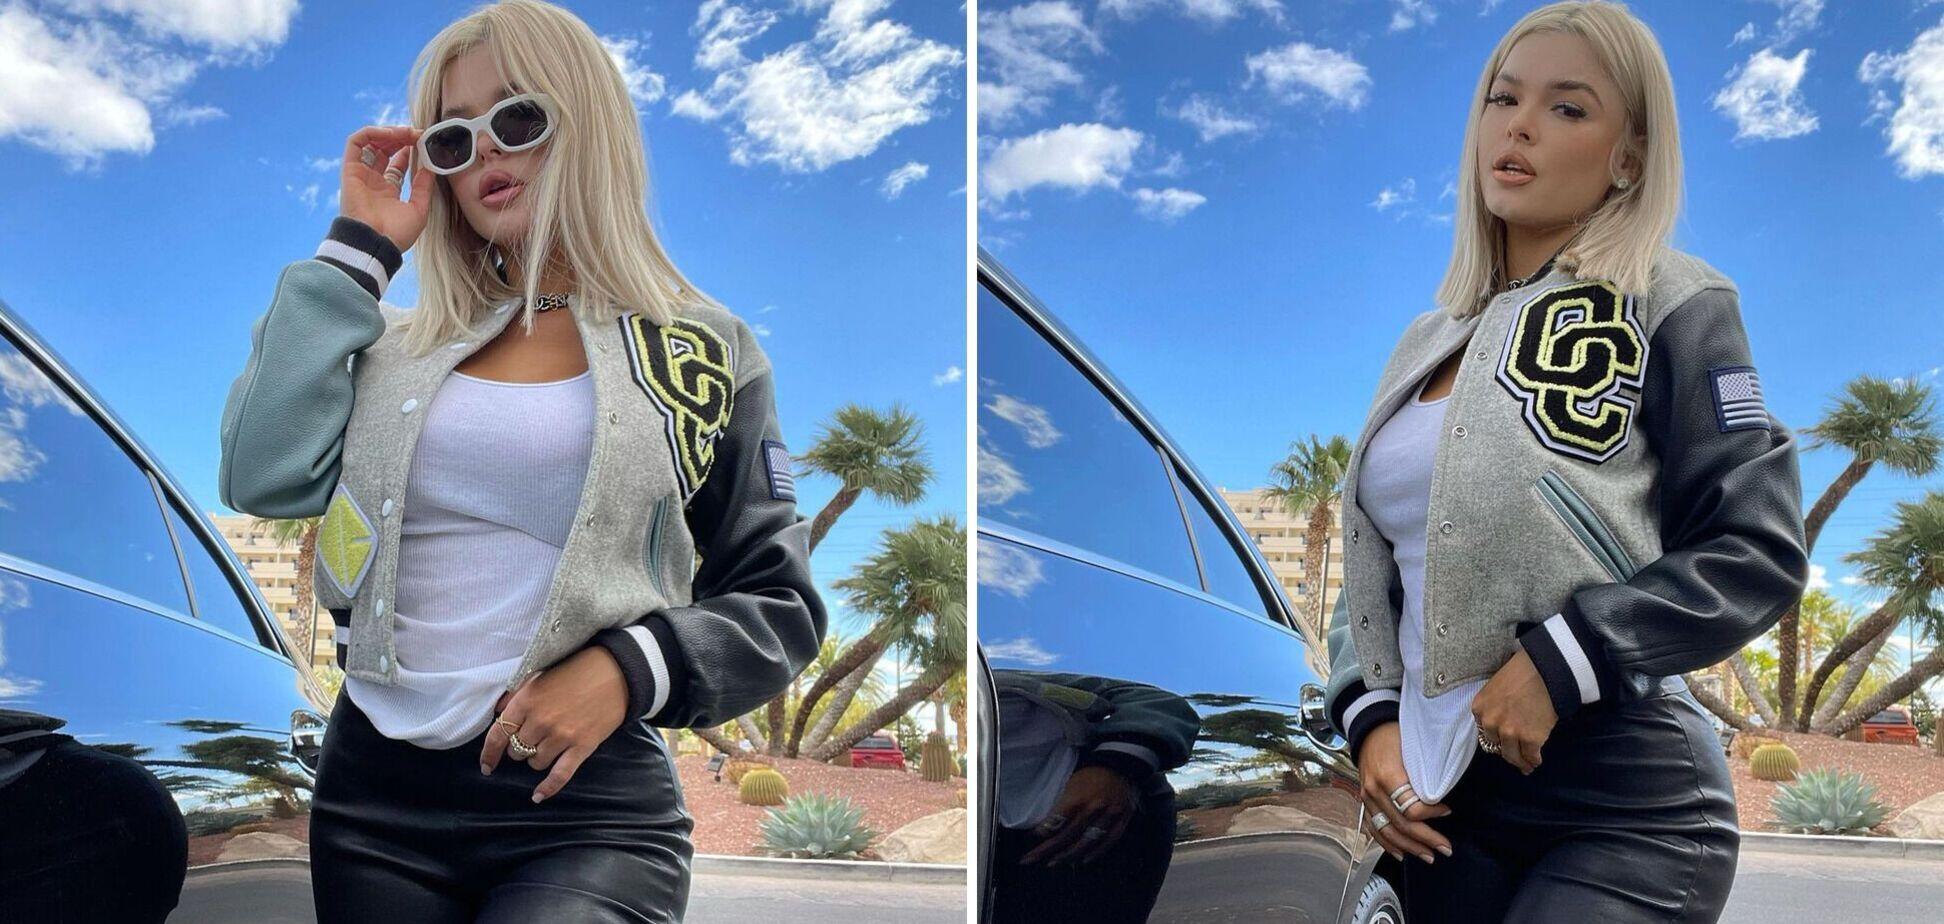 Стриптизерша, с которой живет Мейвезер, выложила фото в 'разрезанном' бикини